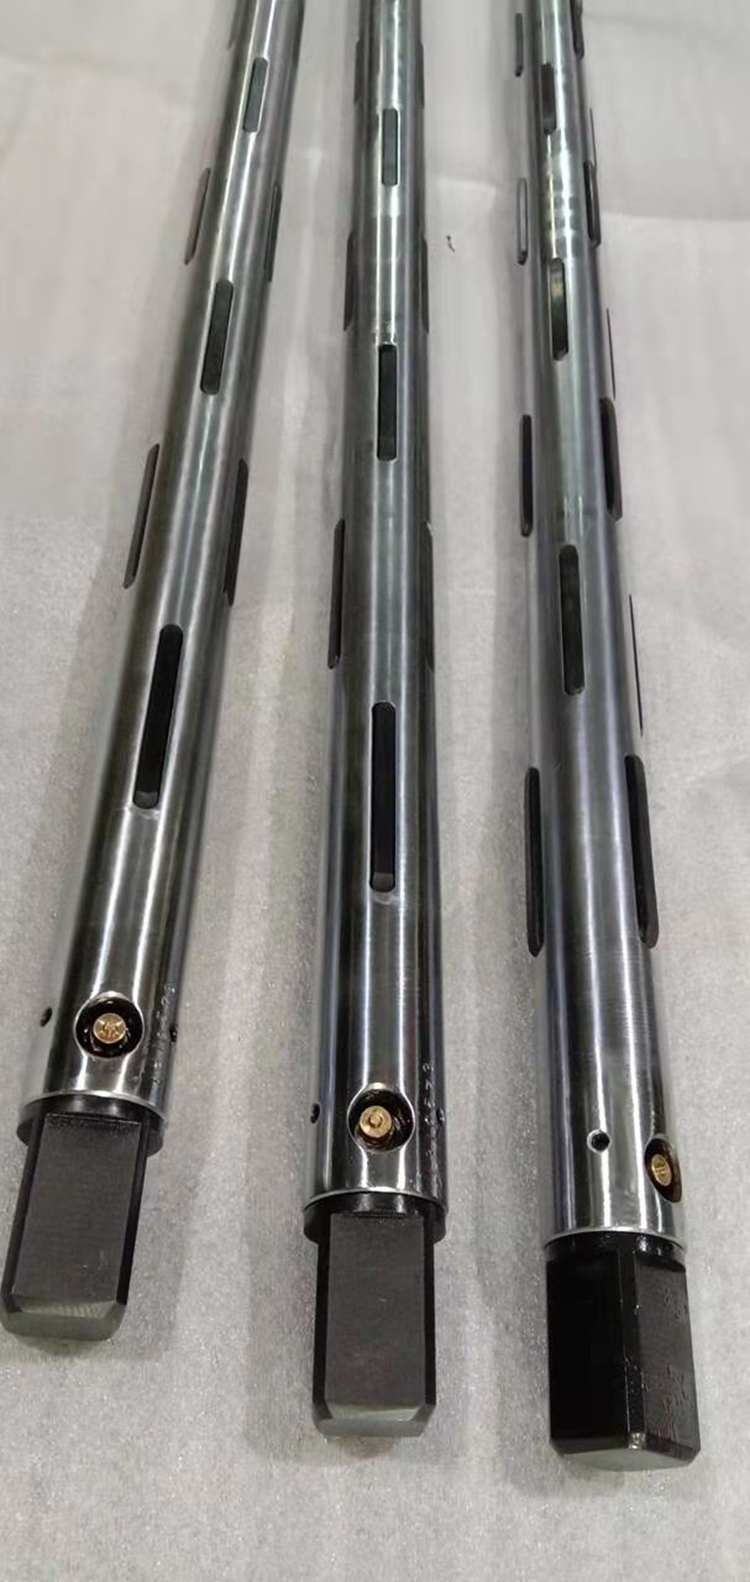 板式氣脹軸生產廠家_燊泰機電_通長膠鍵_機械式_鍵條_通長鋁鍵